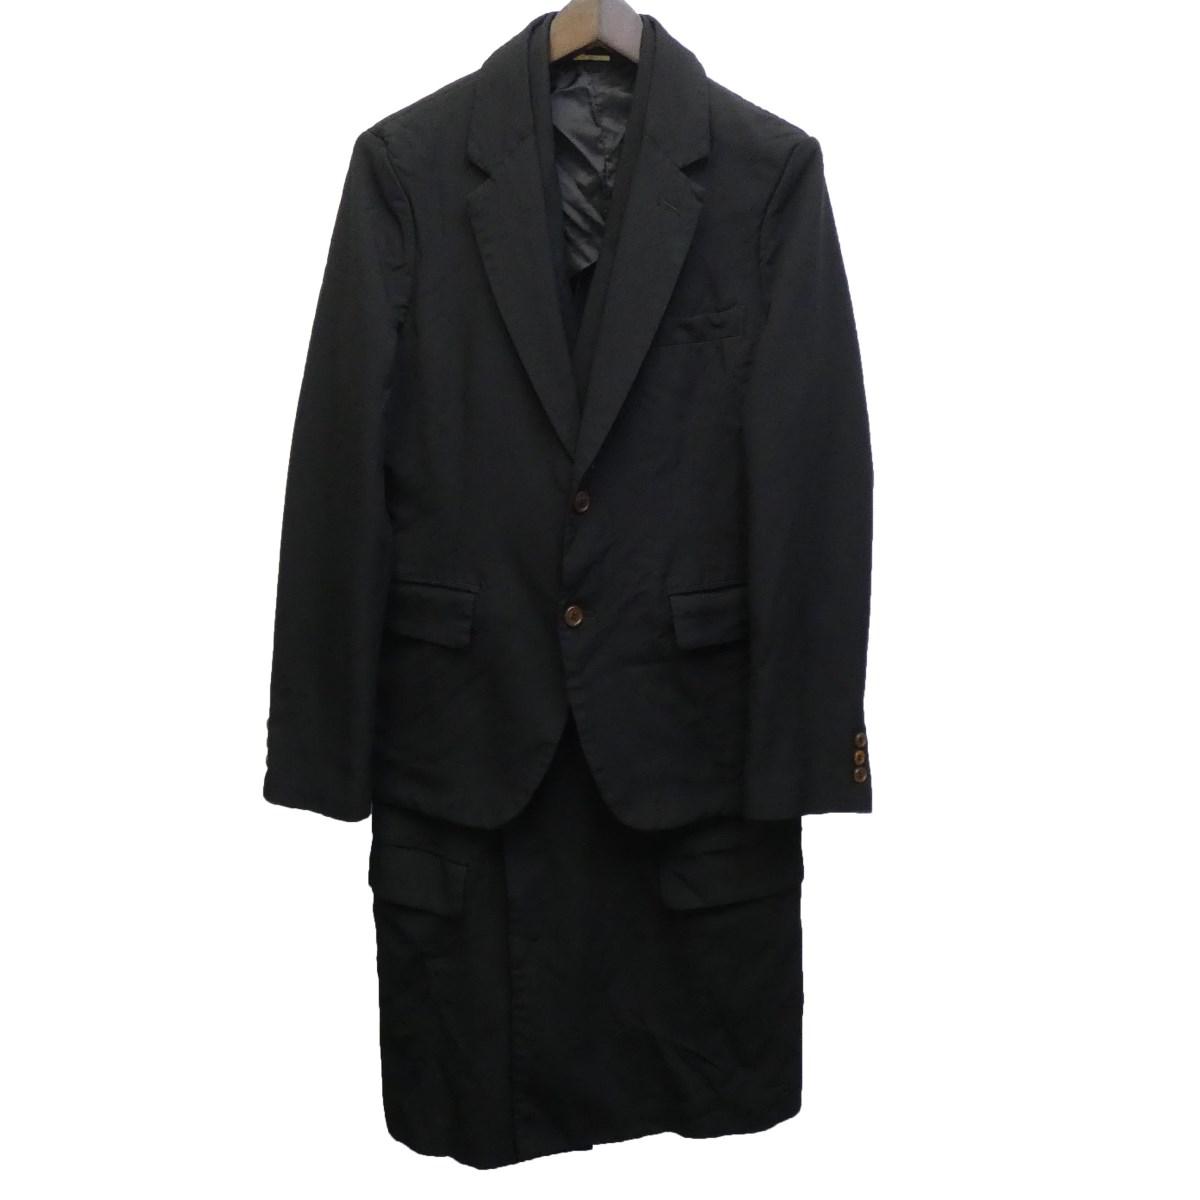 【中古】COMME des GARCONS HOMME PLUS 2019AW ドッキングチェスターコート ブラック サイズ:XS 【110320】(コムデギャルソンオムプリュス)